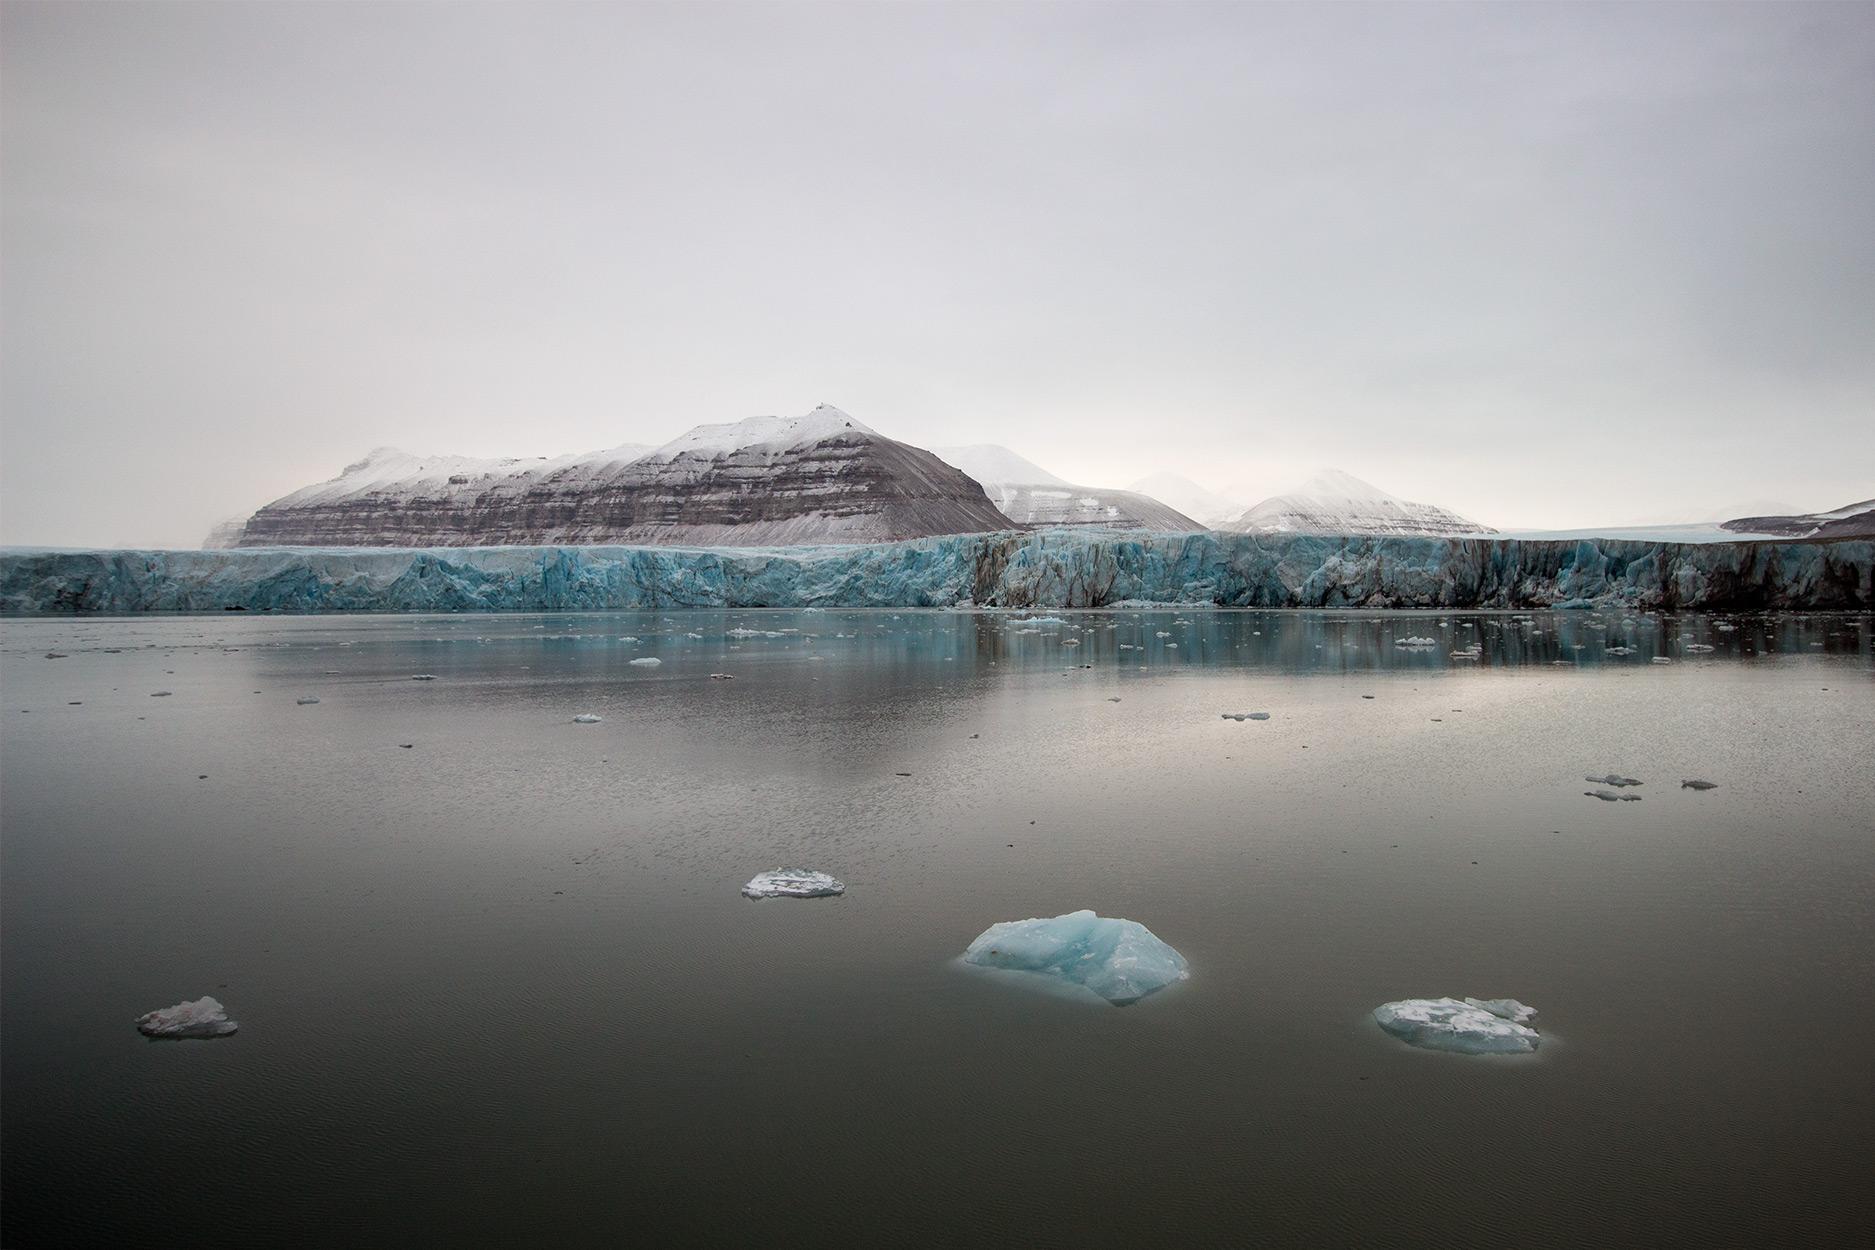 Tunabreen Glacier, Spitsbergen